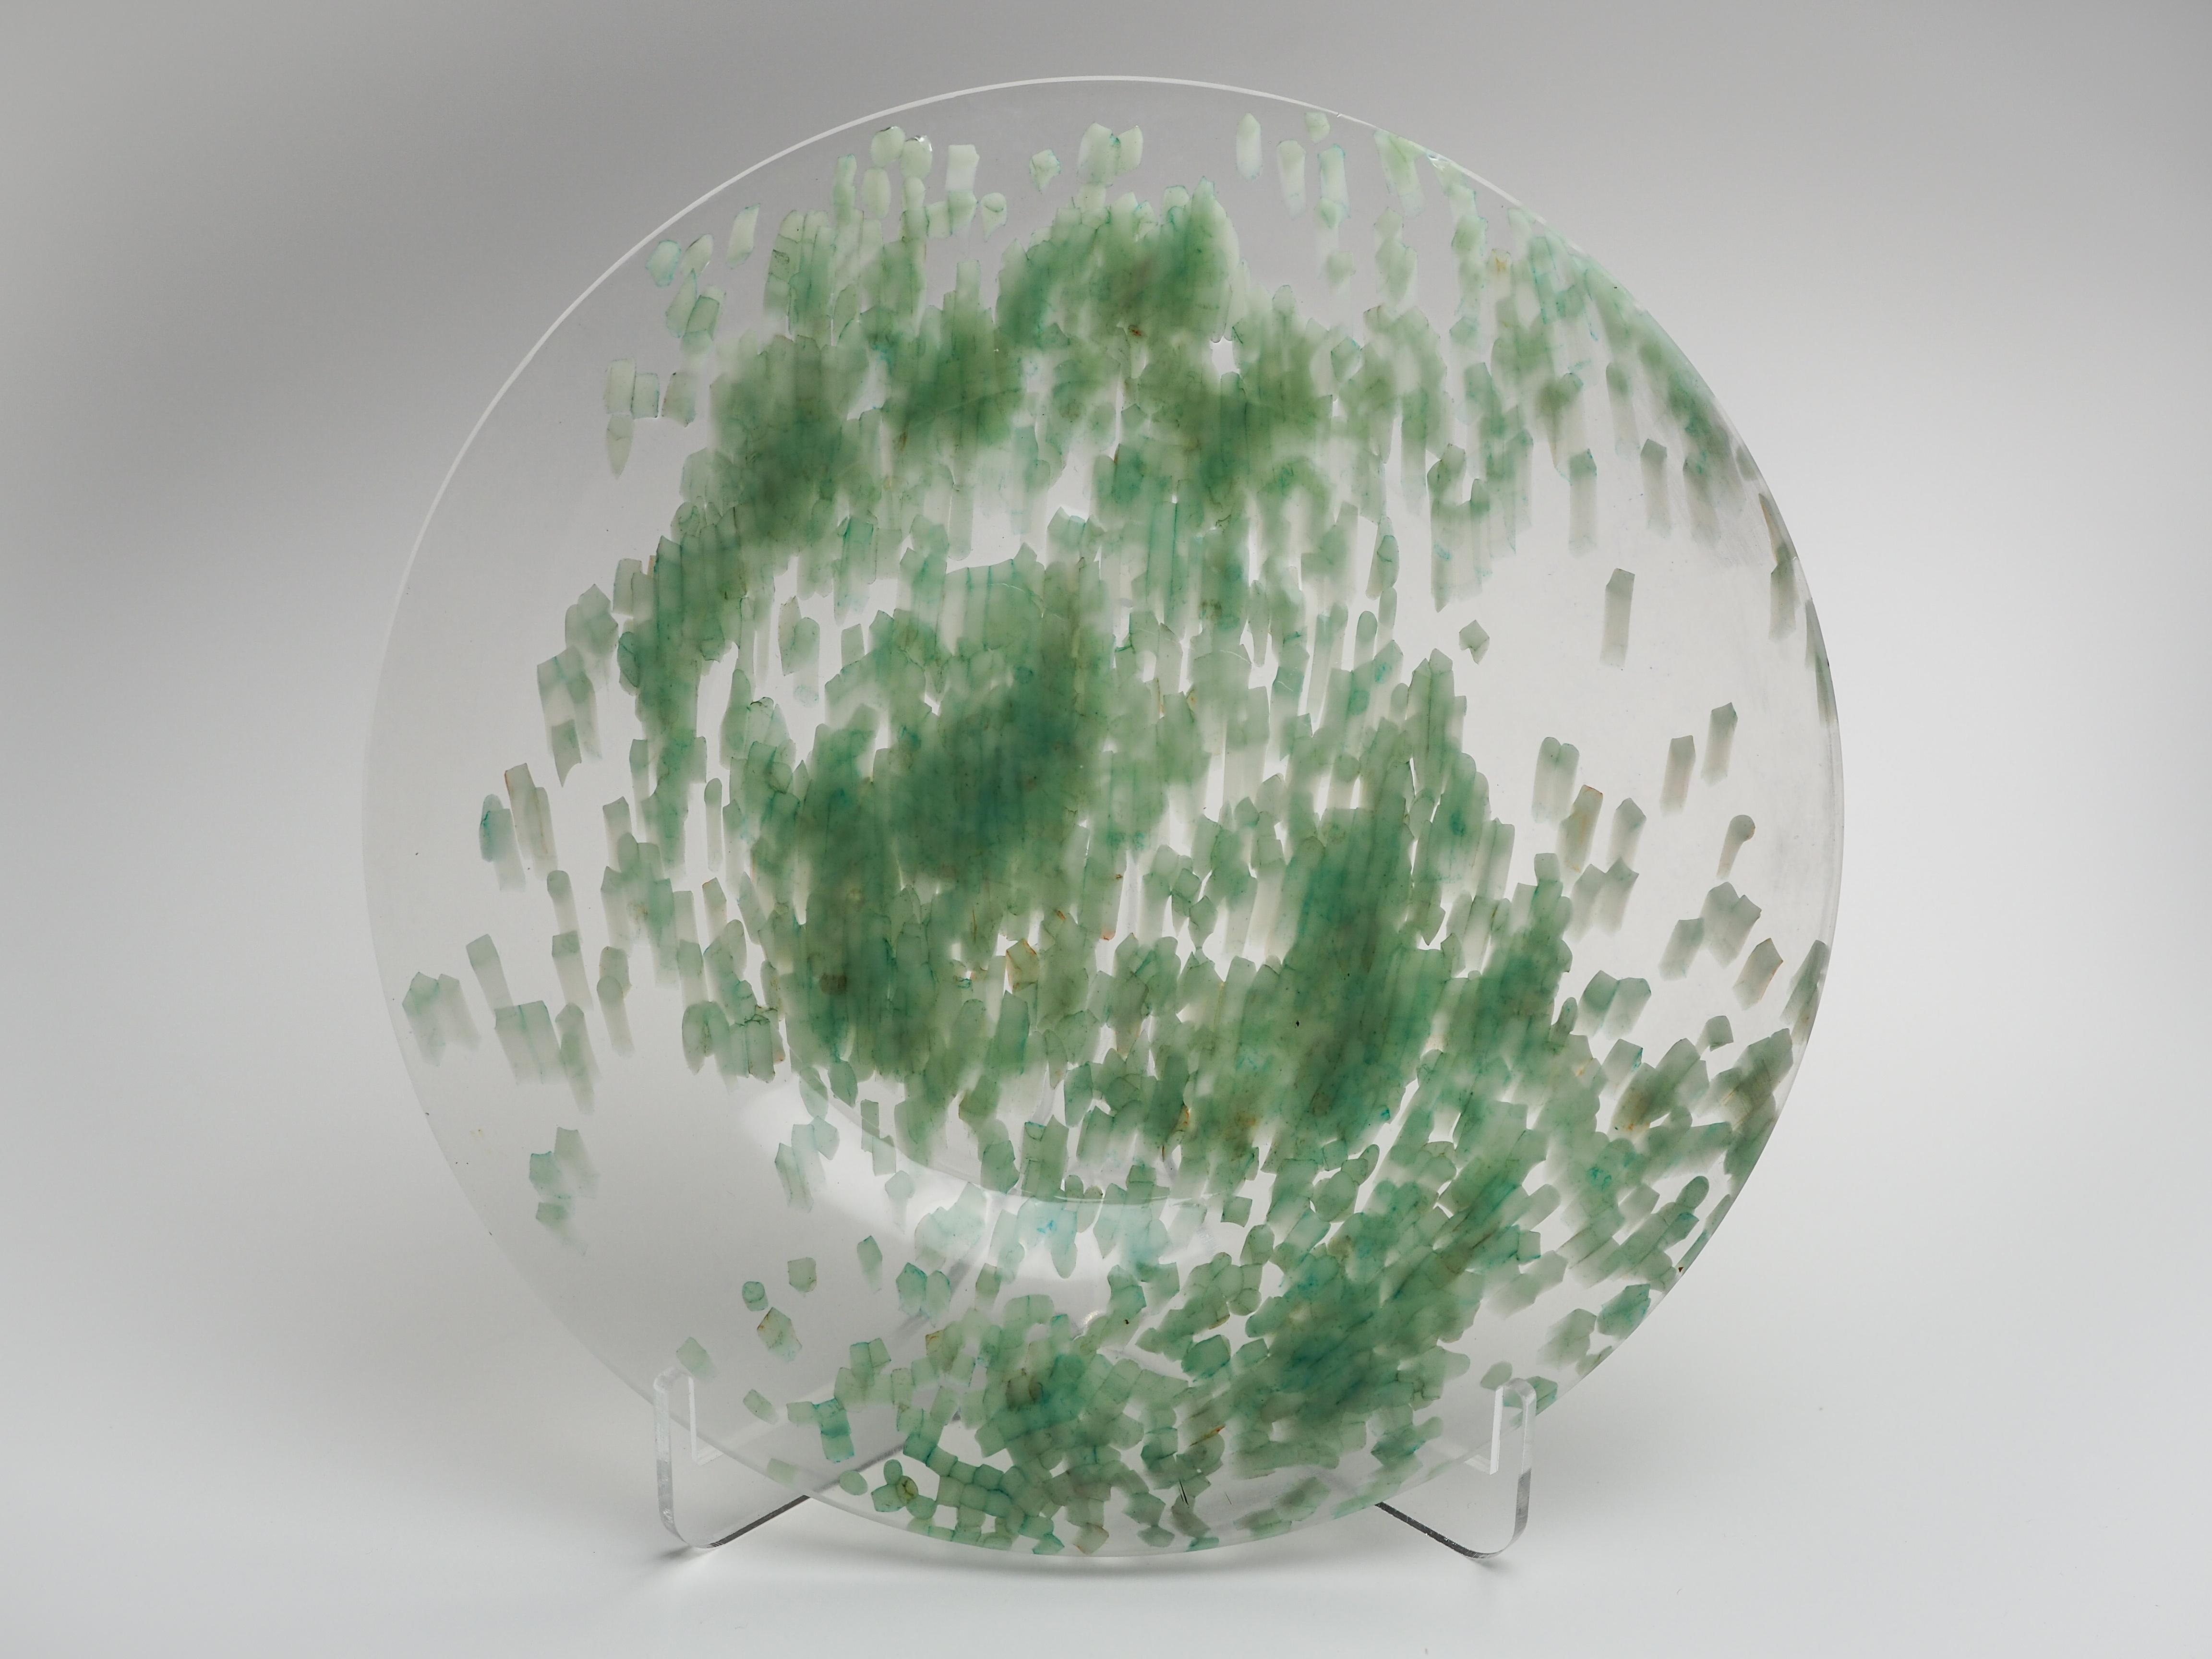 平皿-MIX(透明×緑)fp-mix-6